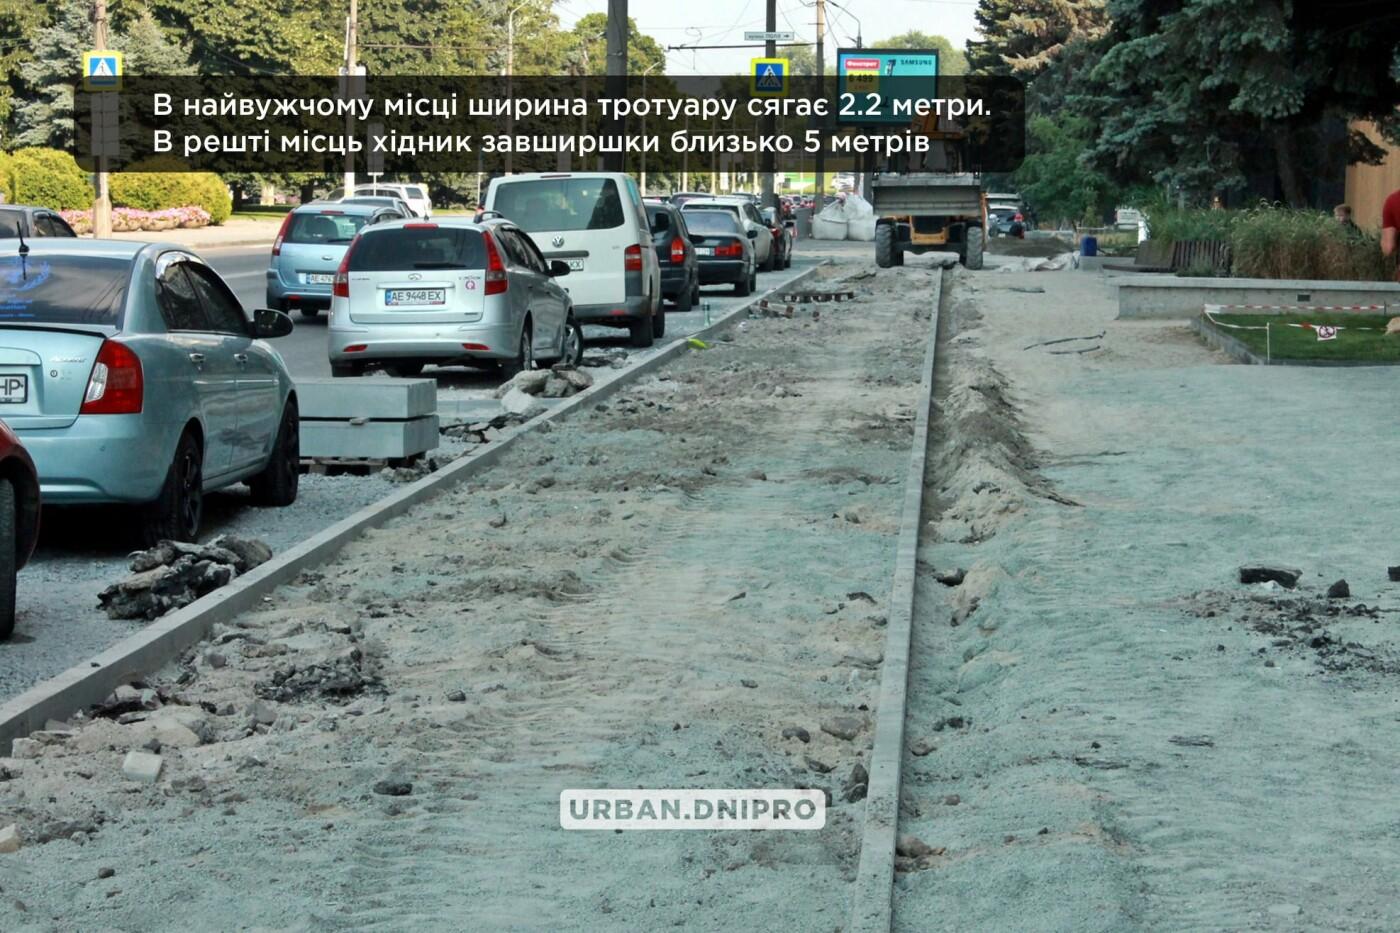 Новая парковка и велодорожка: в Днепре меняется набережная, - ФОТО, фото-6